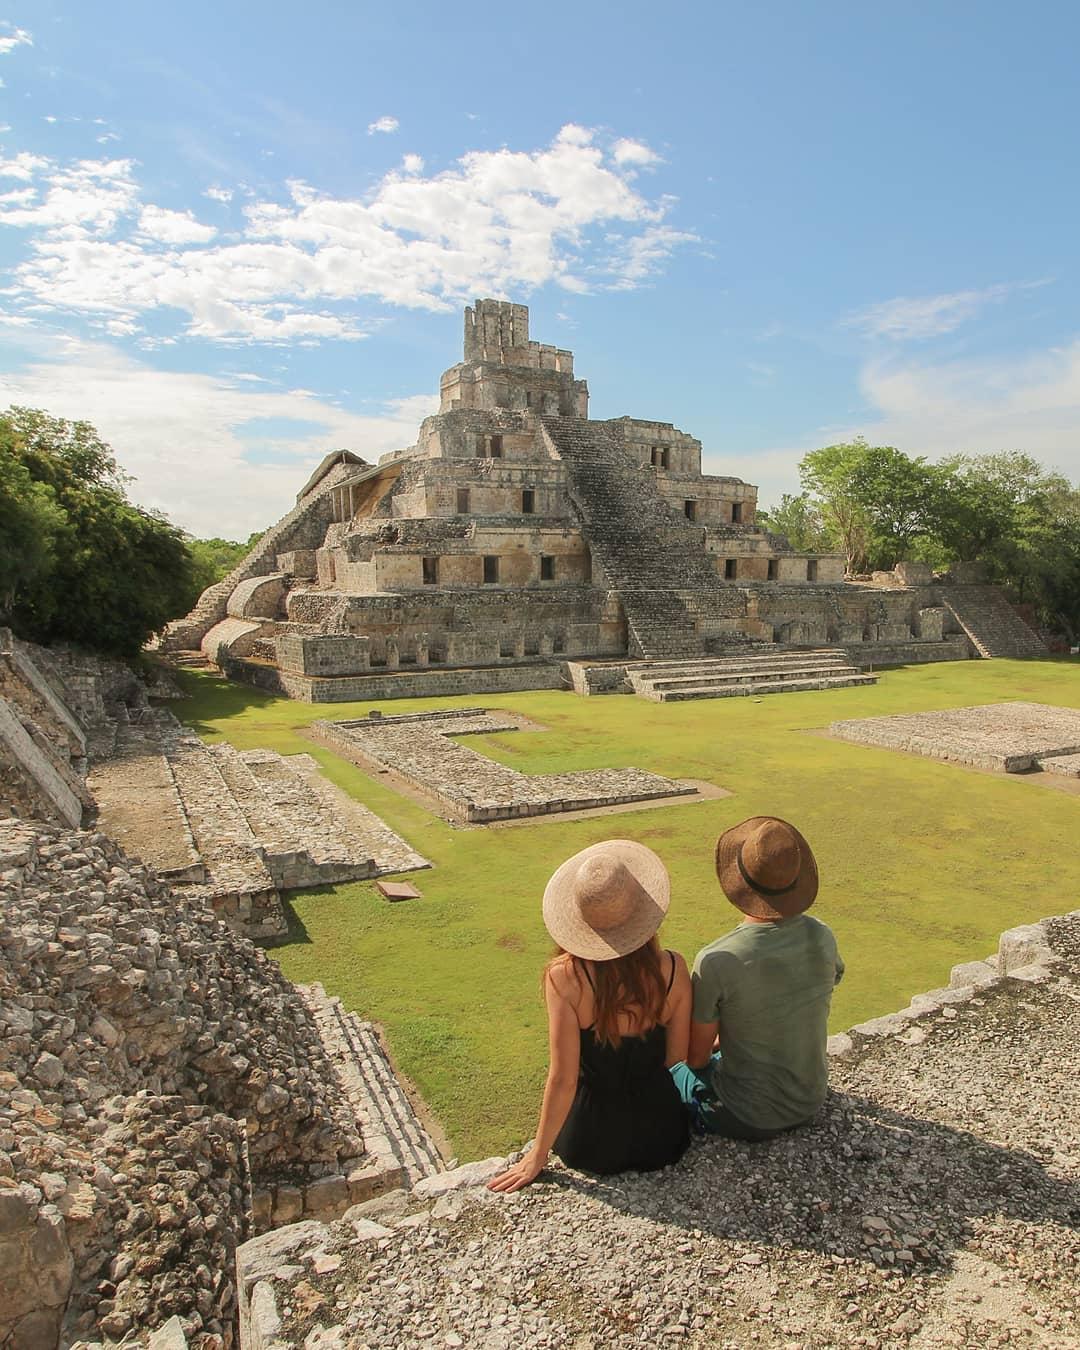 Zona arqueologica Edzna Campeche ruinas en campeche top yucatan